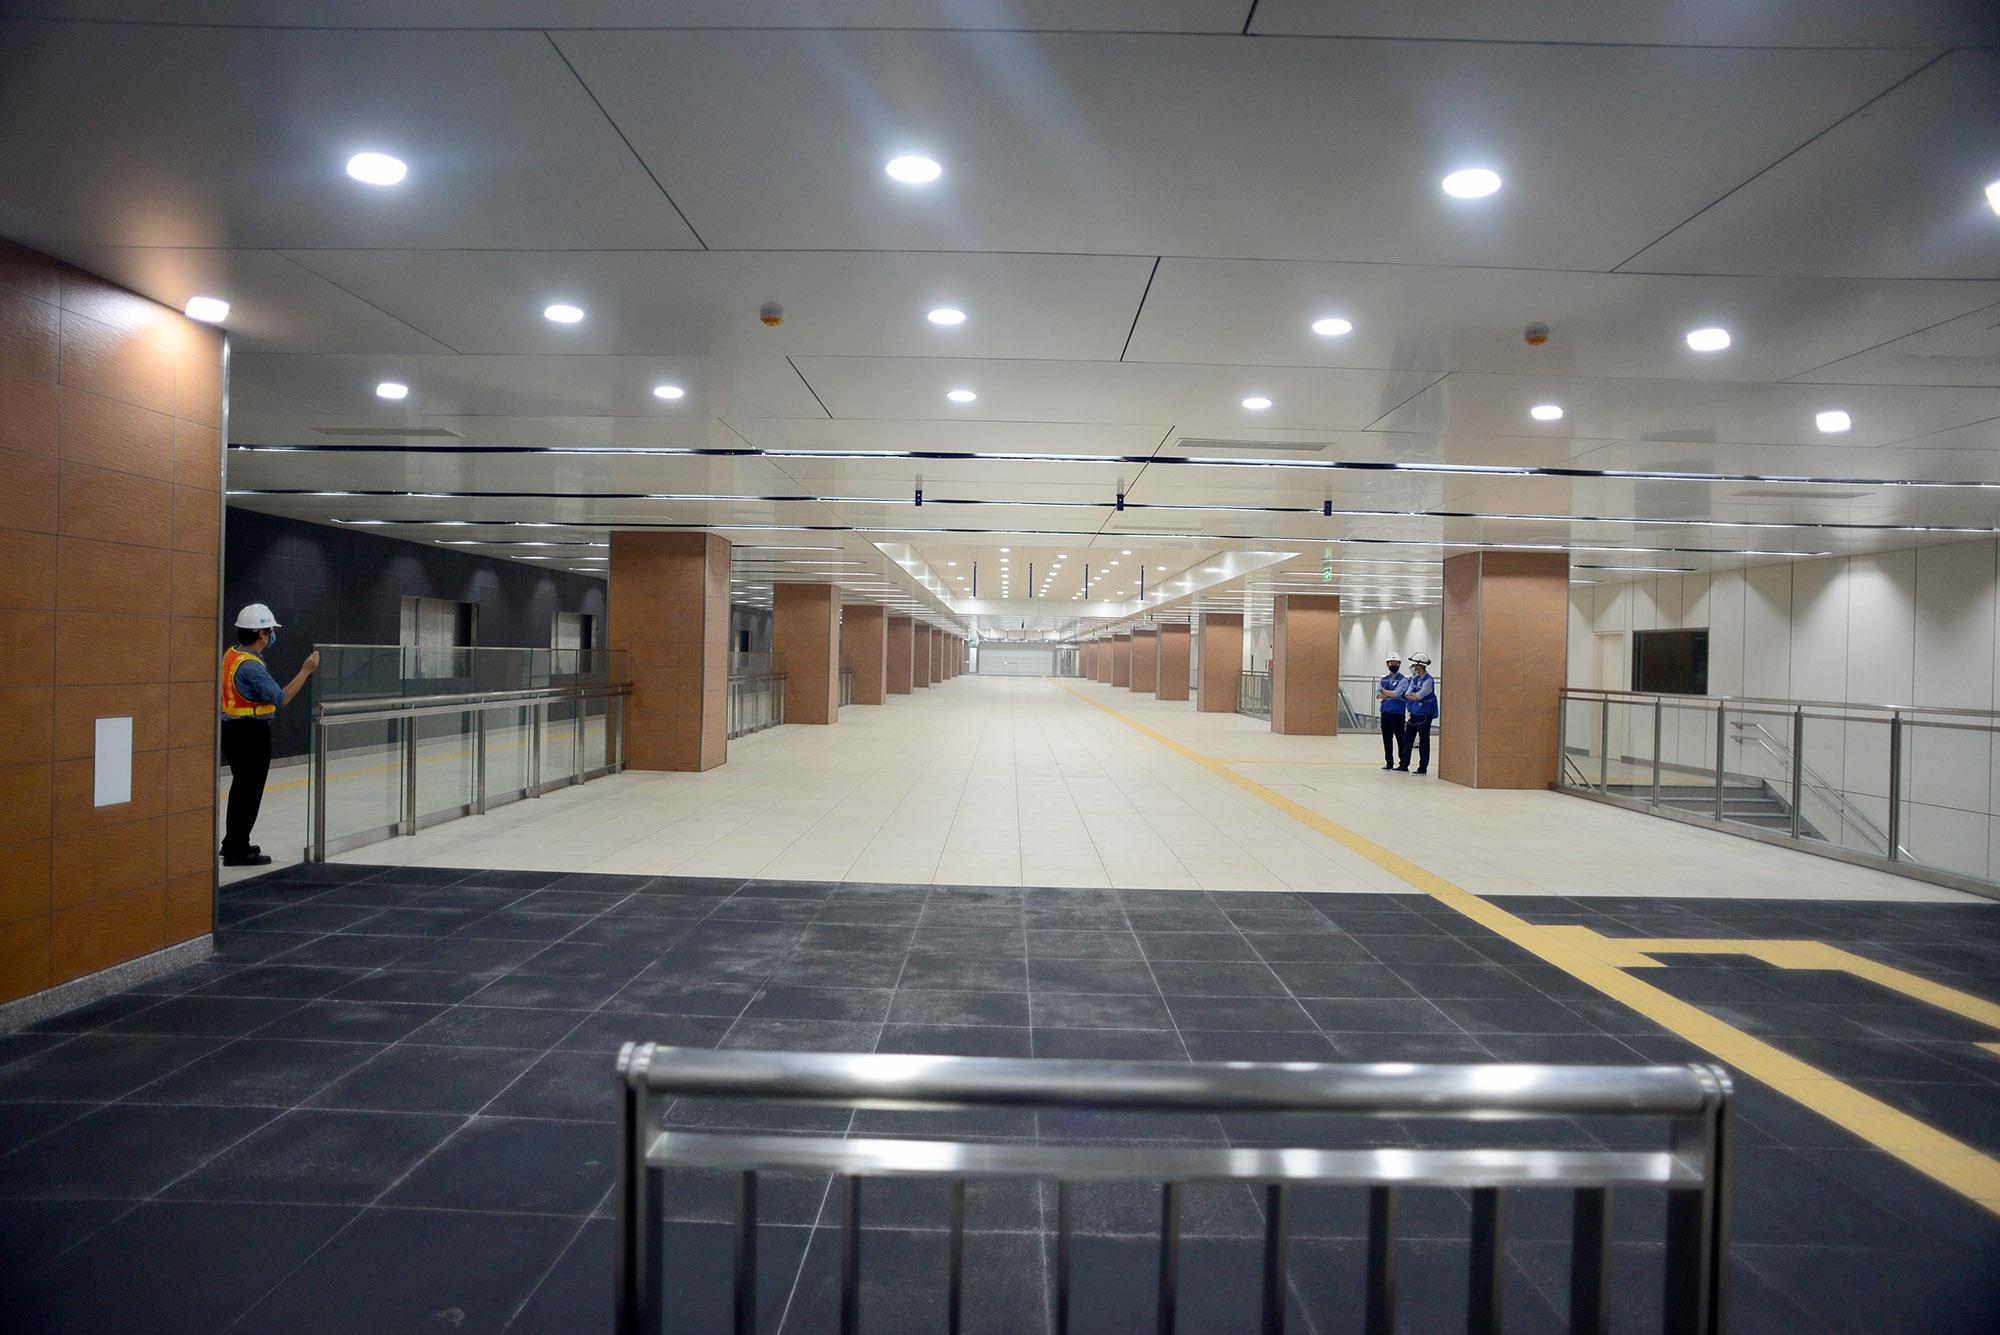 14 năm đưa tuyến Metro Bến Thành - Suối Tiên 'về đích' - Ảnh 3.